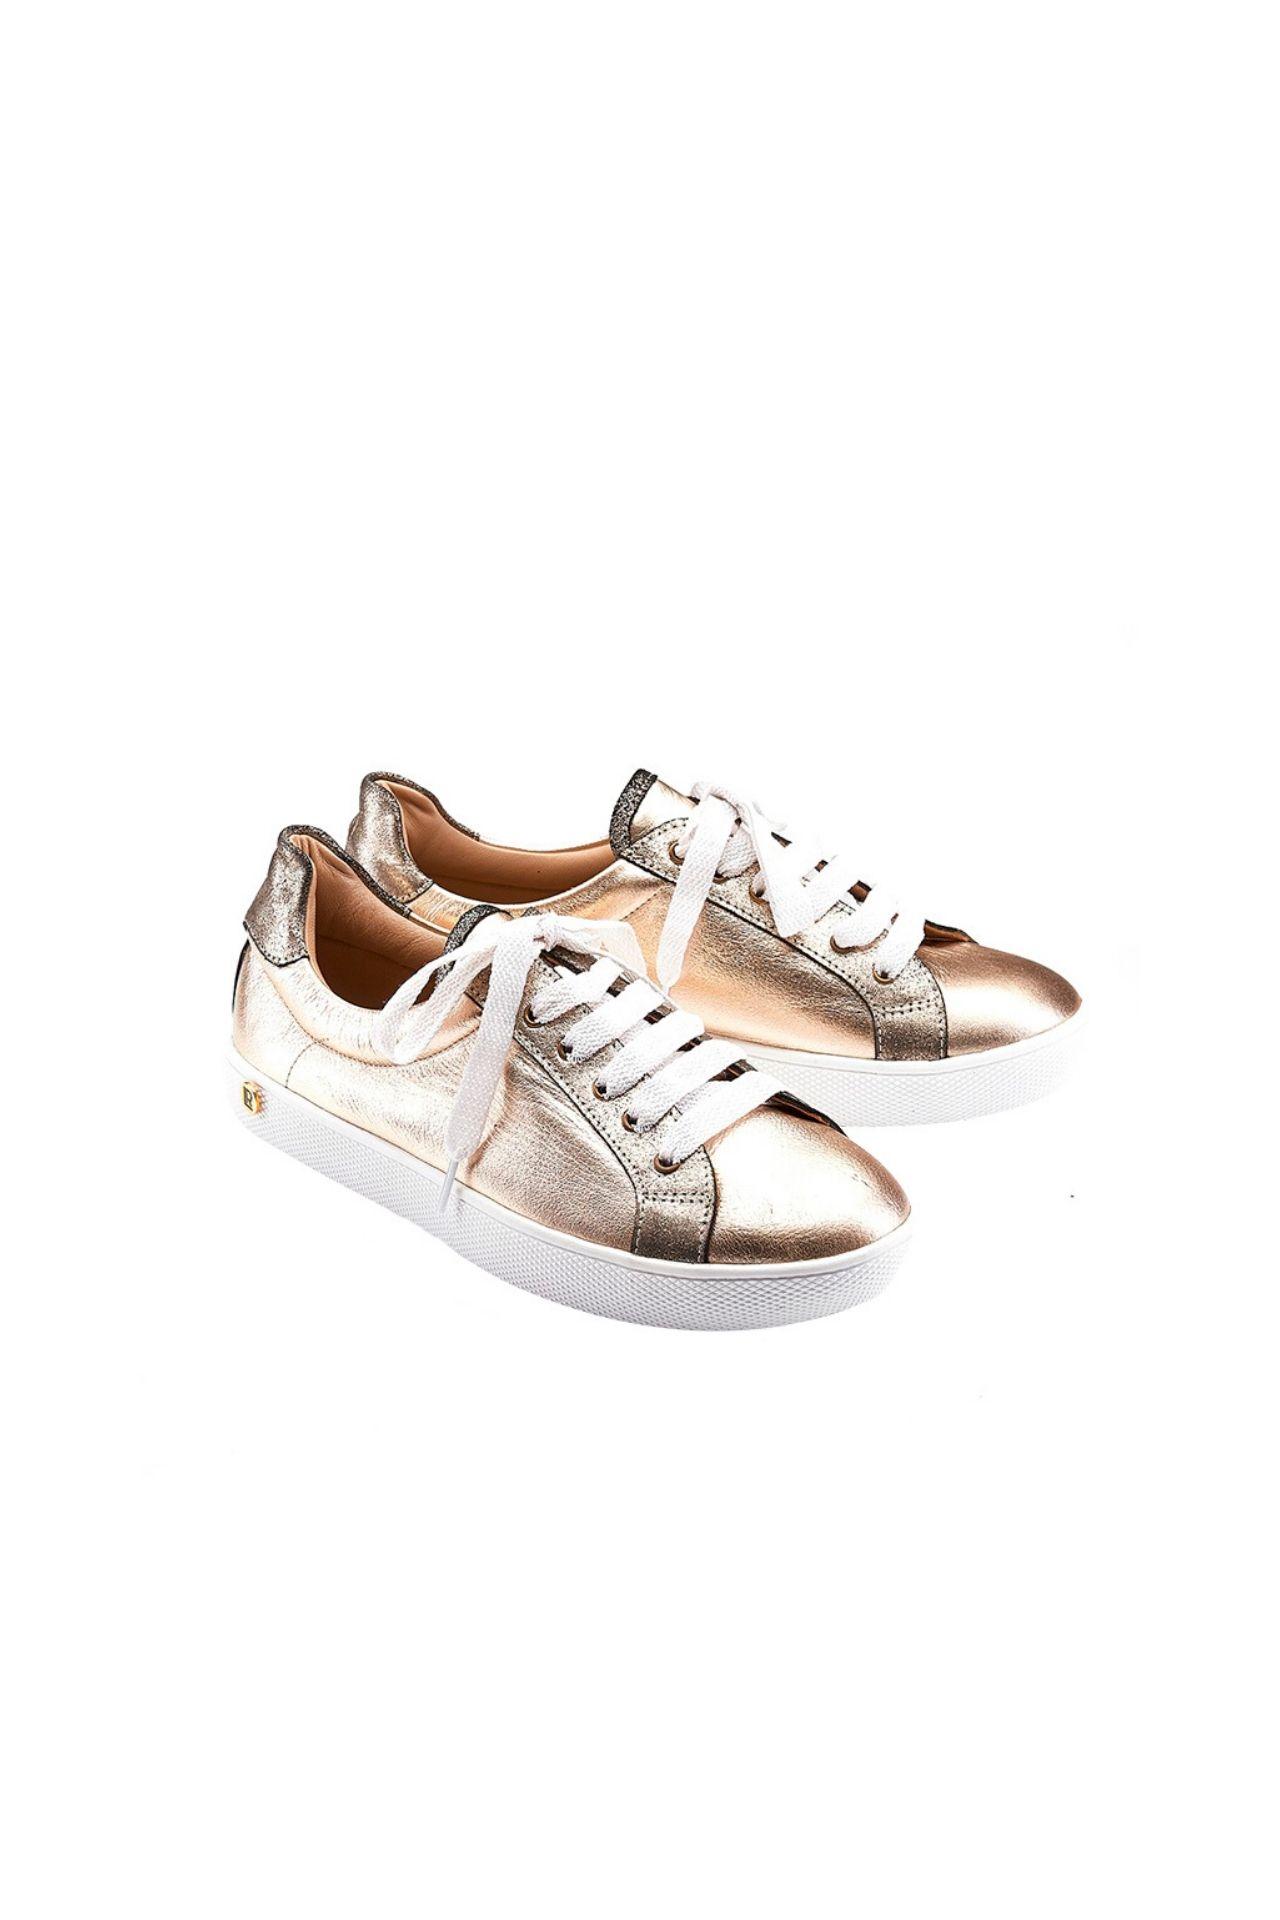 Zapatilla fabricada con cuero de primera calidad, lleva placas bañadas en oro con la firma de la marca.  La horma es exacta, en esta marca serías la misma talla que usas normalmente.  Taco: 2 cm